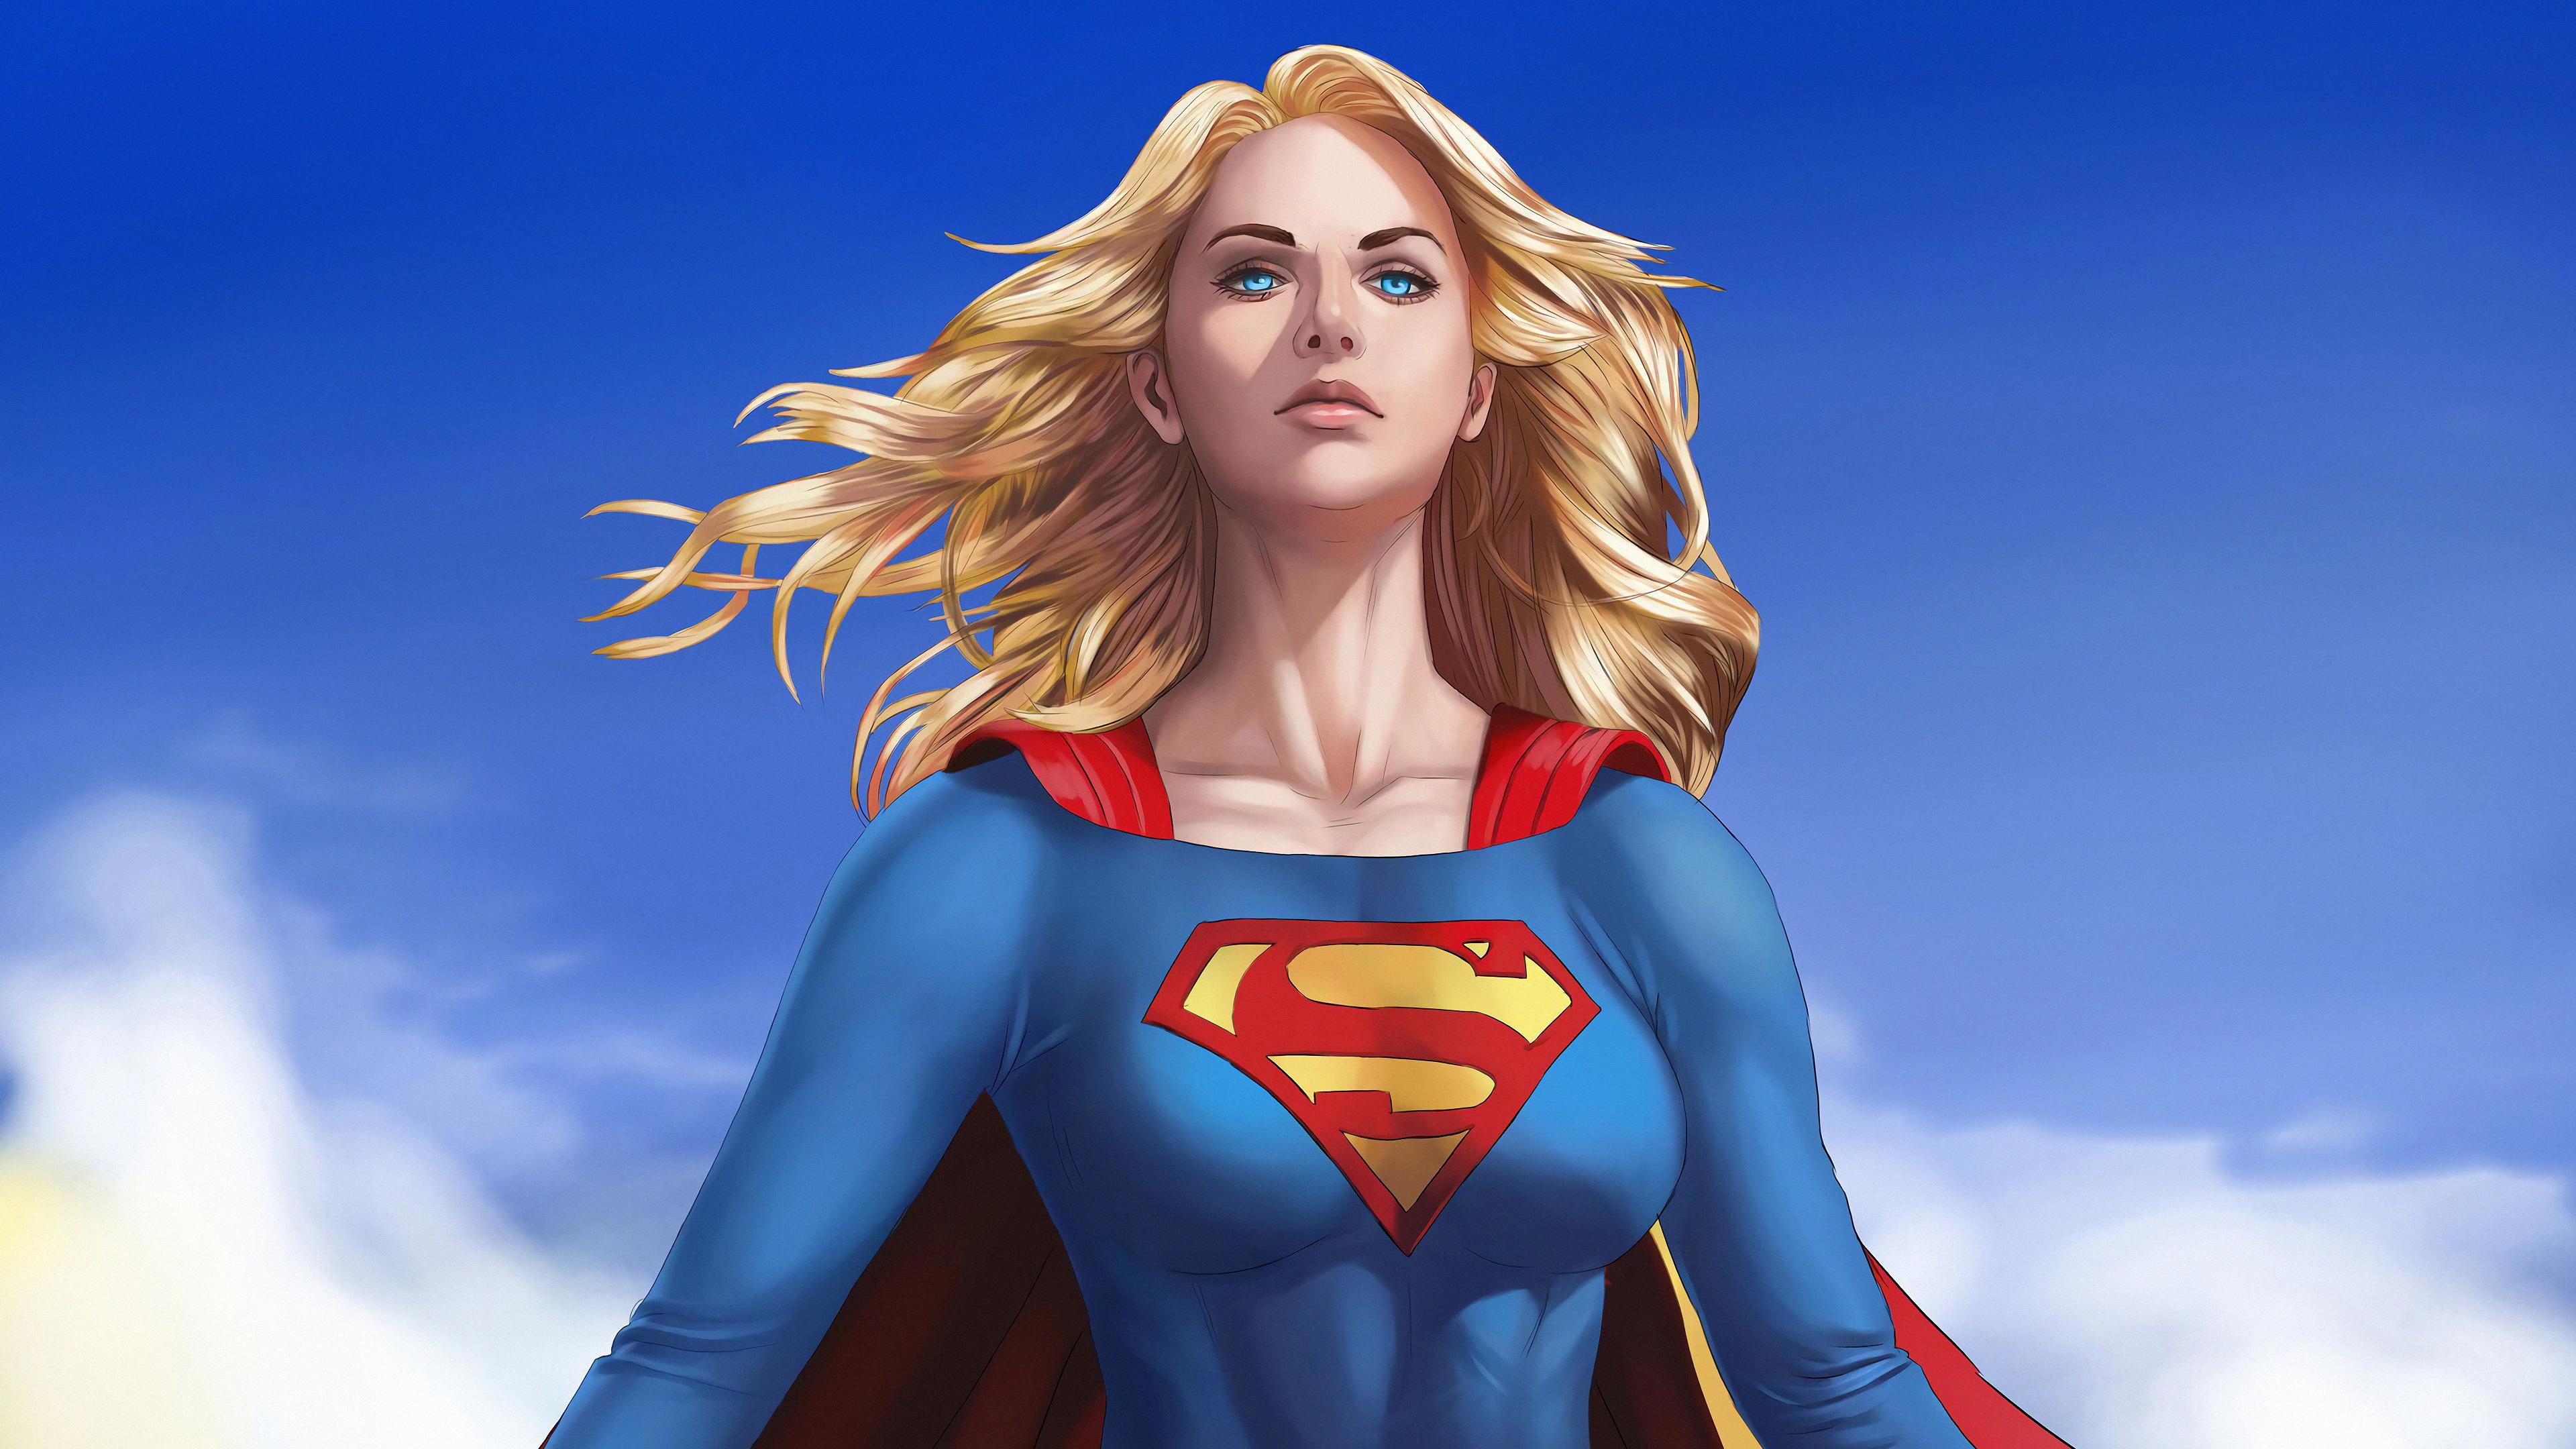 supergirl flying above 1569186870 - Supergirl Flying Above - superheroes wallpapers, supergirl wallpapers, hd-wallpapers, digital art wallpapers, artwork wallpapers, 4k-wallpapers